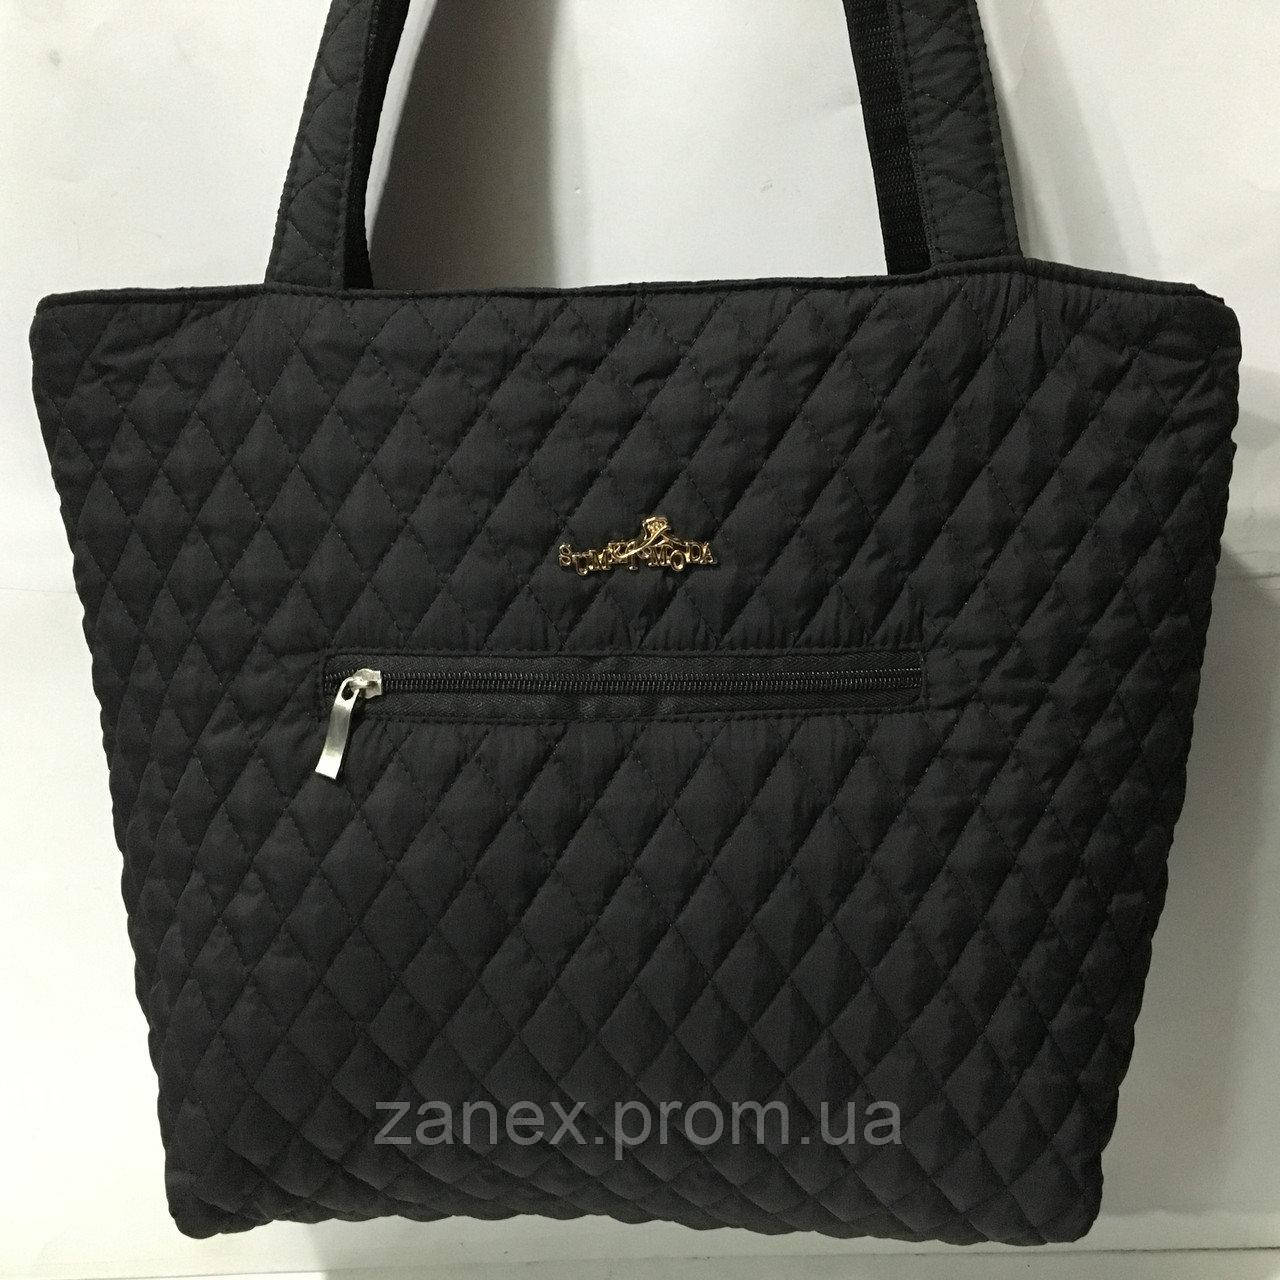 Женская сумка стеганая (черная)